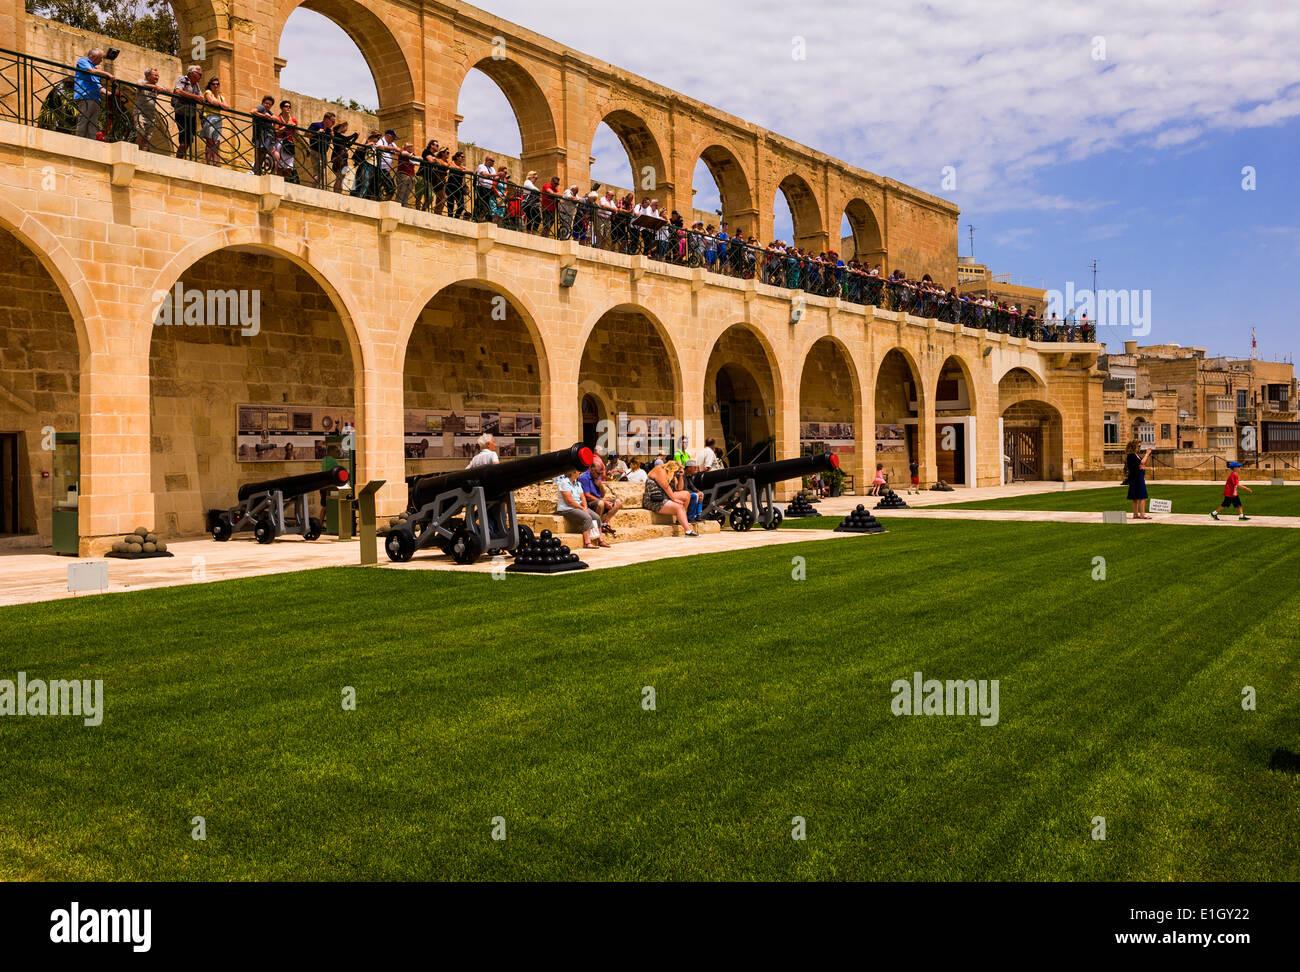 The Saluting Battery, Valletta, Malta. - Stock Image